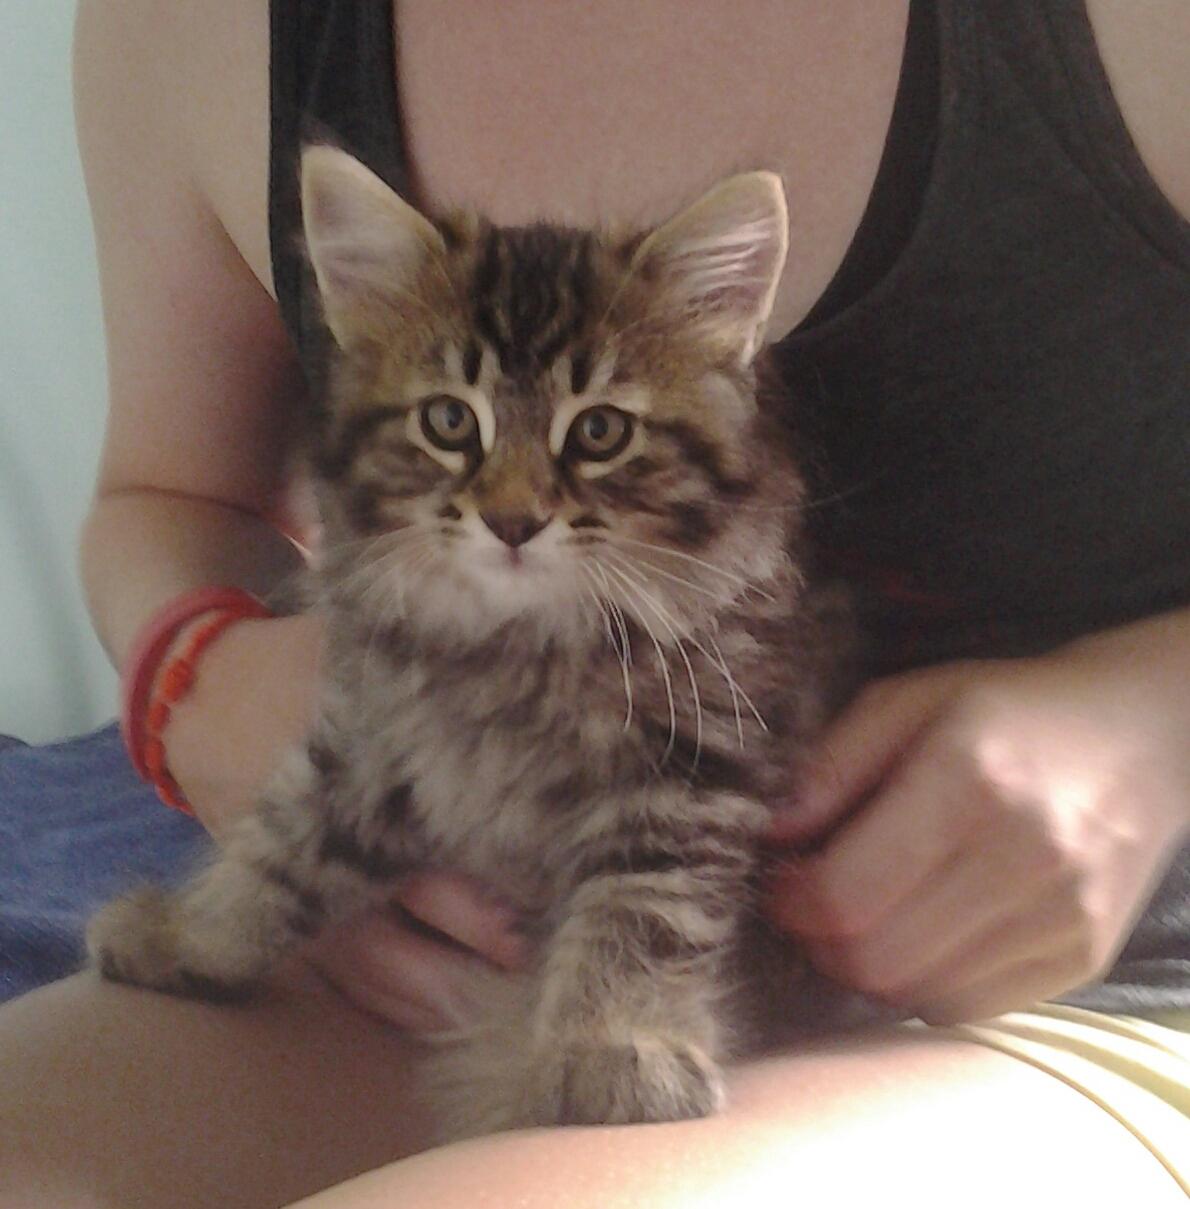 Pinteressaie faites un niche pour votre chat en 5 minutes - Couper les griffes d un chaton de 2 mois ...